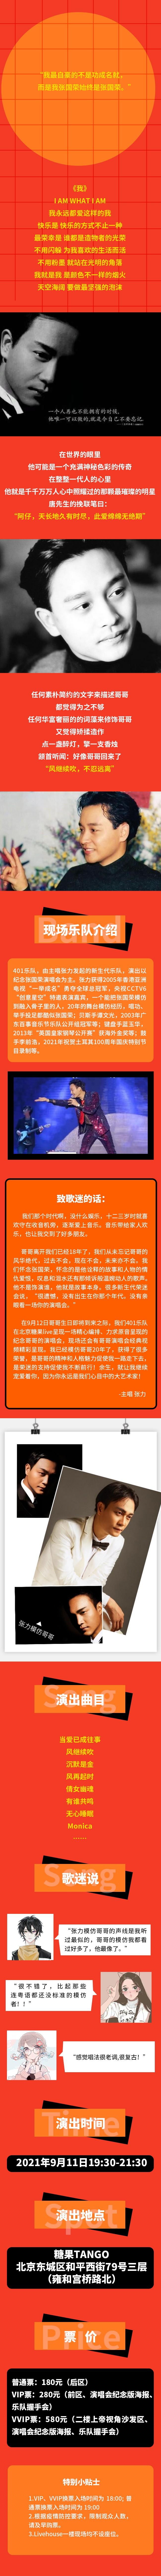 张国荣长图文_02(1).jpg